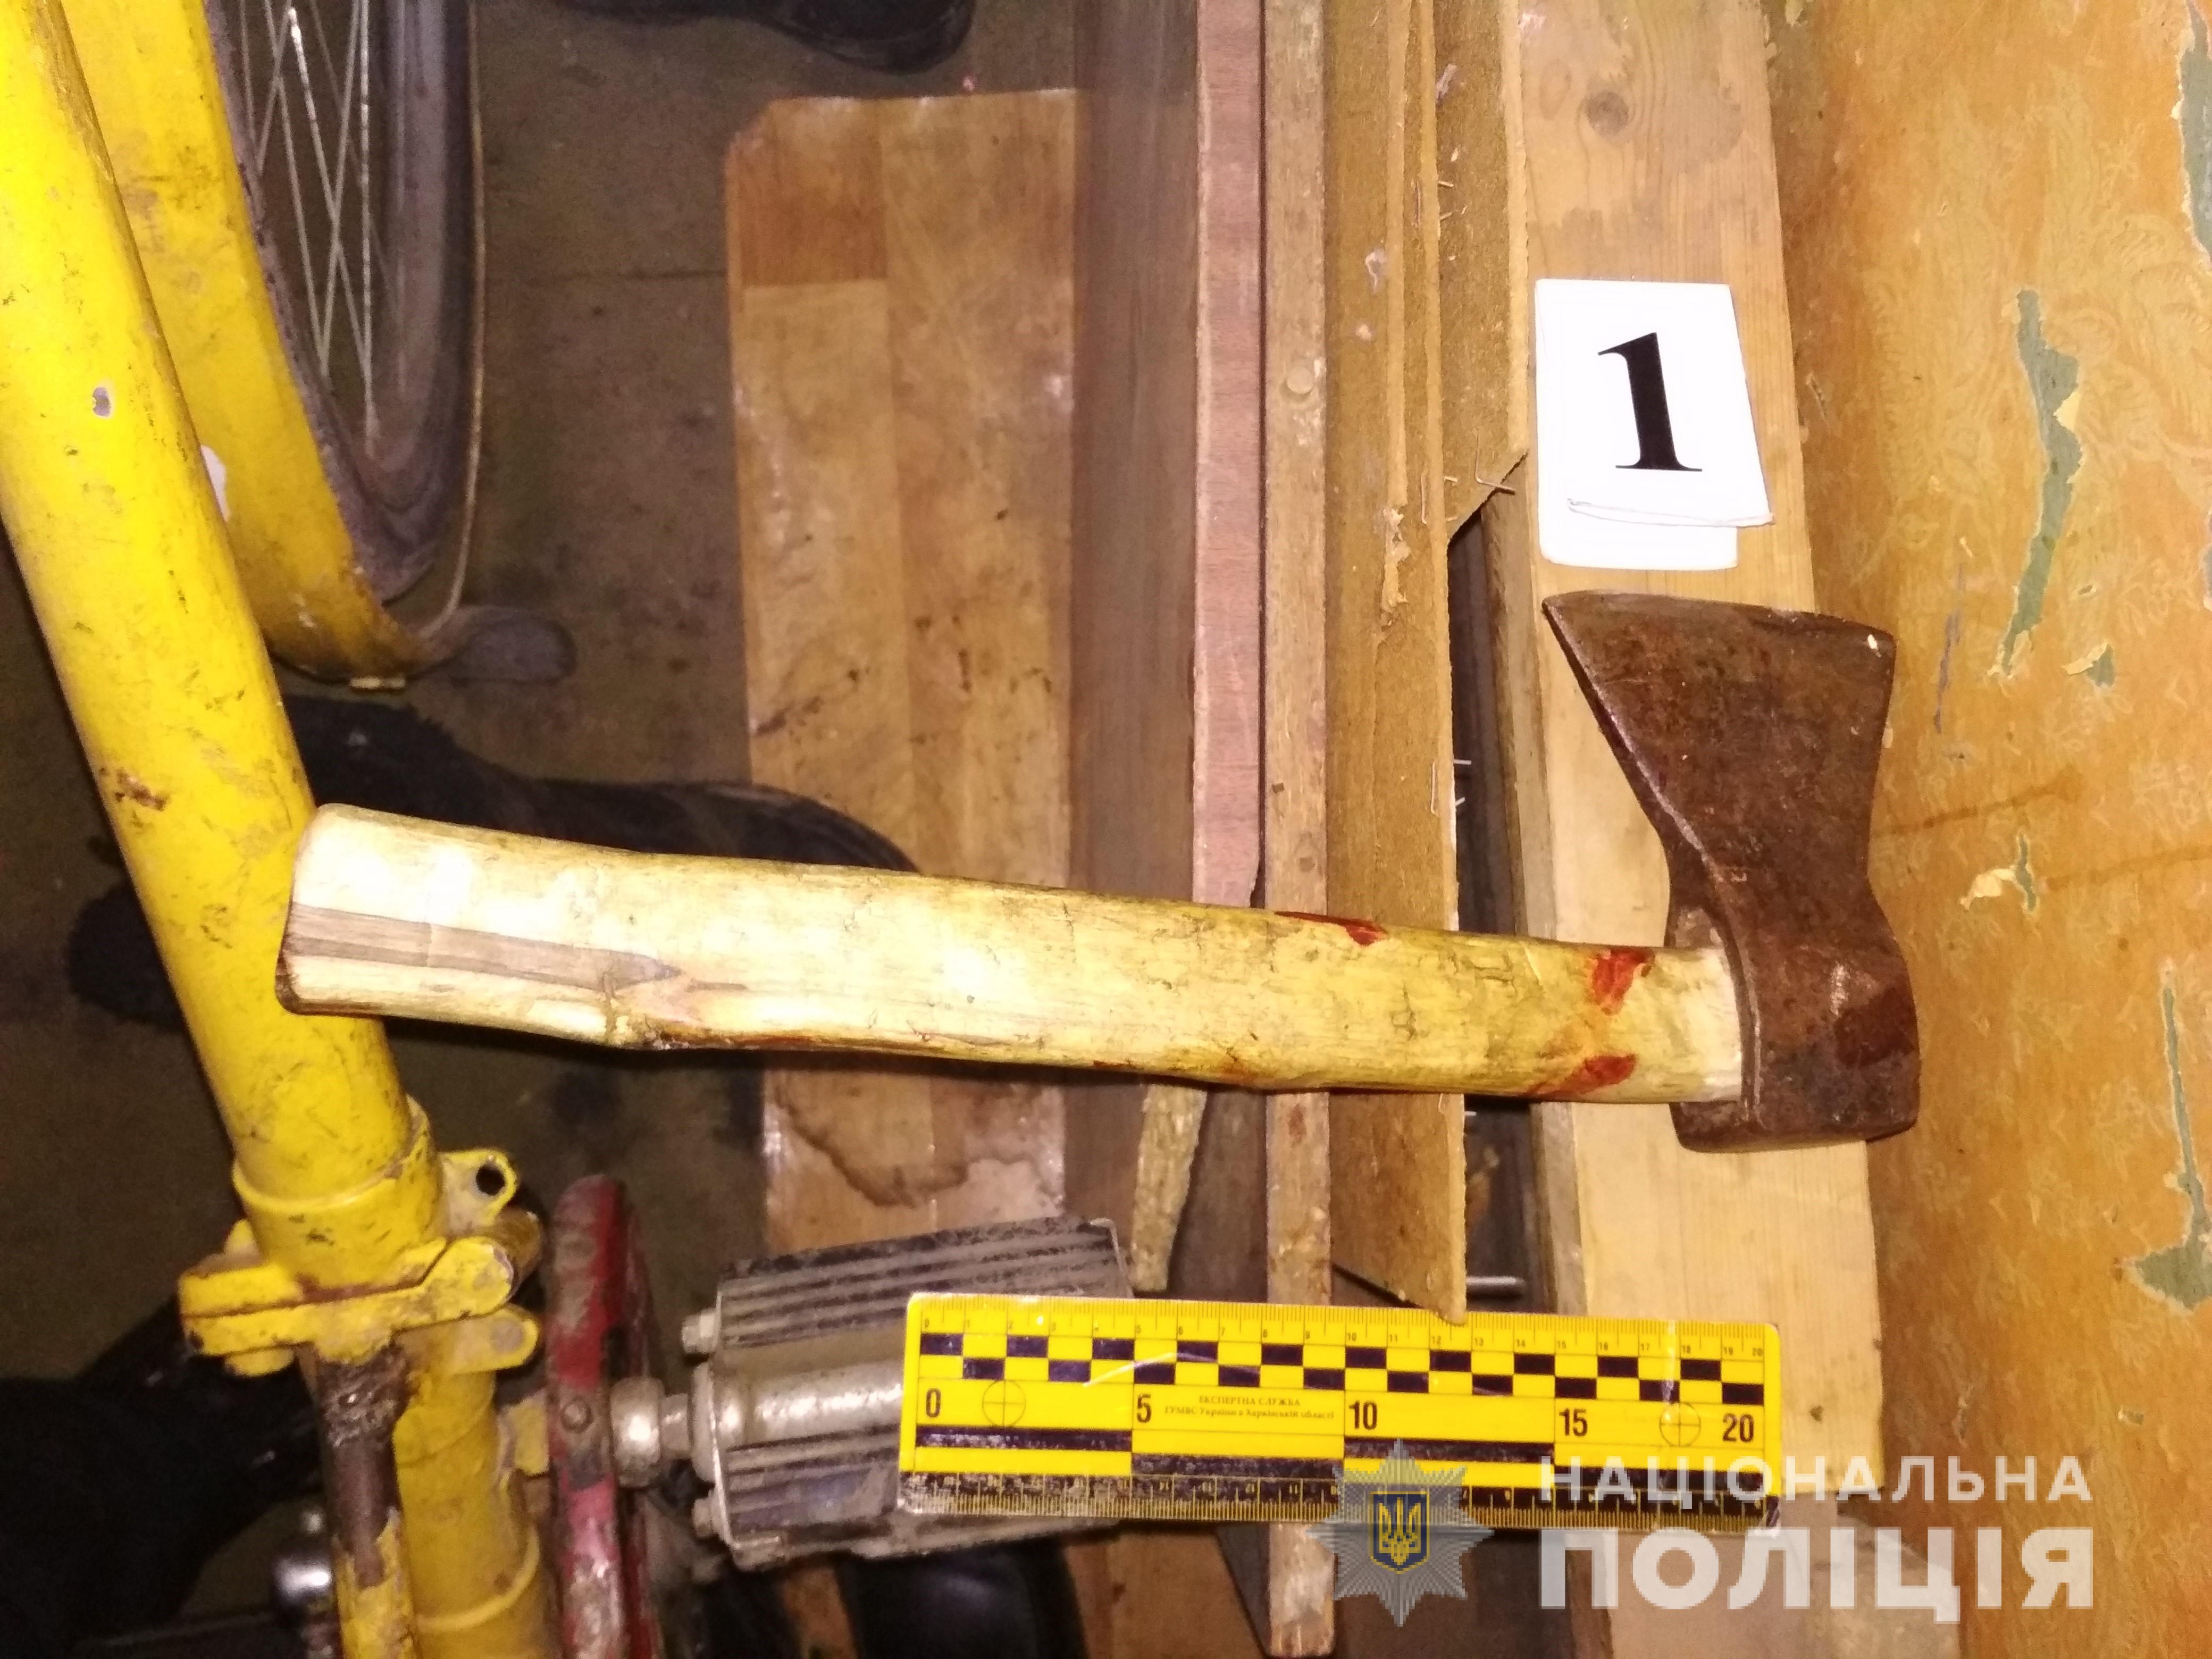 В Харьковской области мужчина ударил топором в голову своему знакомому